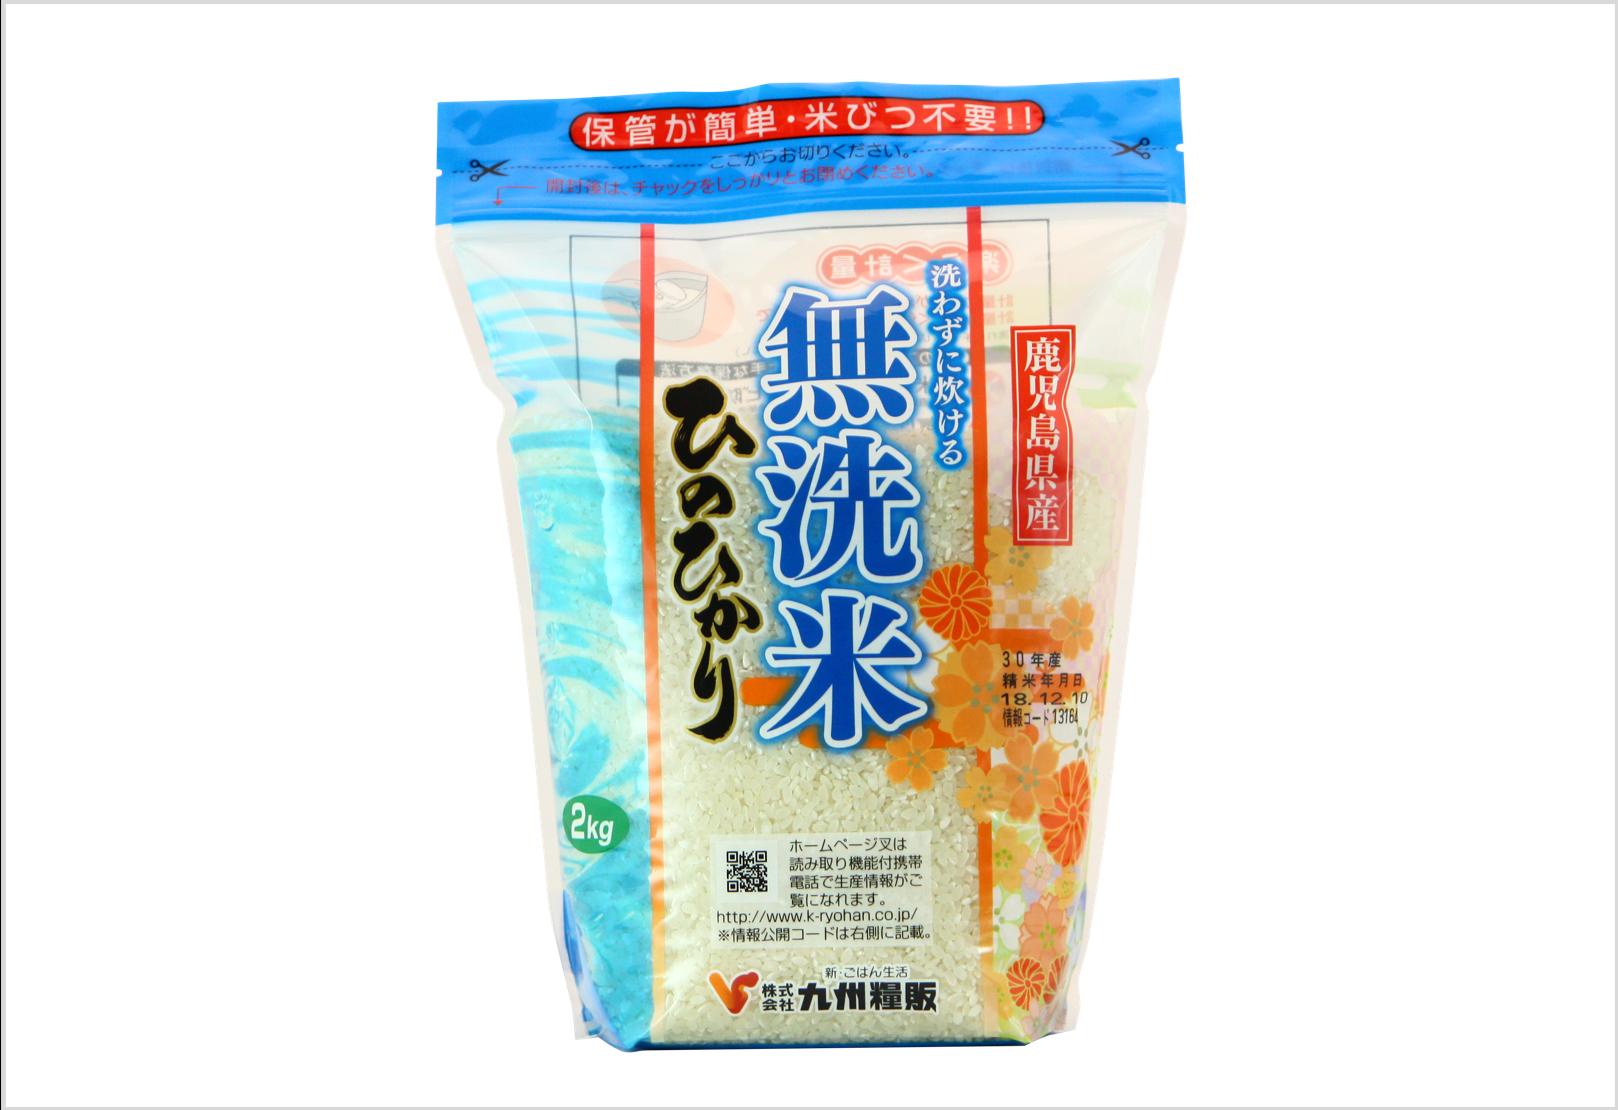 無洗米・鹿児島ひのひかり2kgスタンドパック(鹿児島ひのひかり100%)